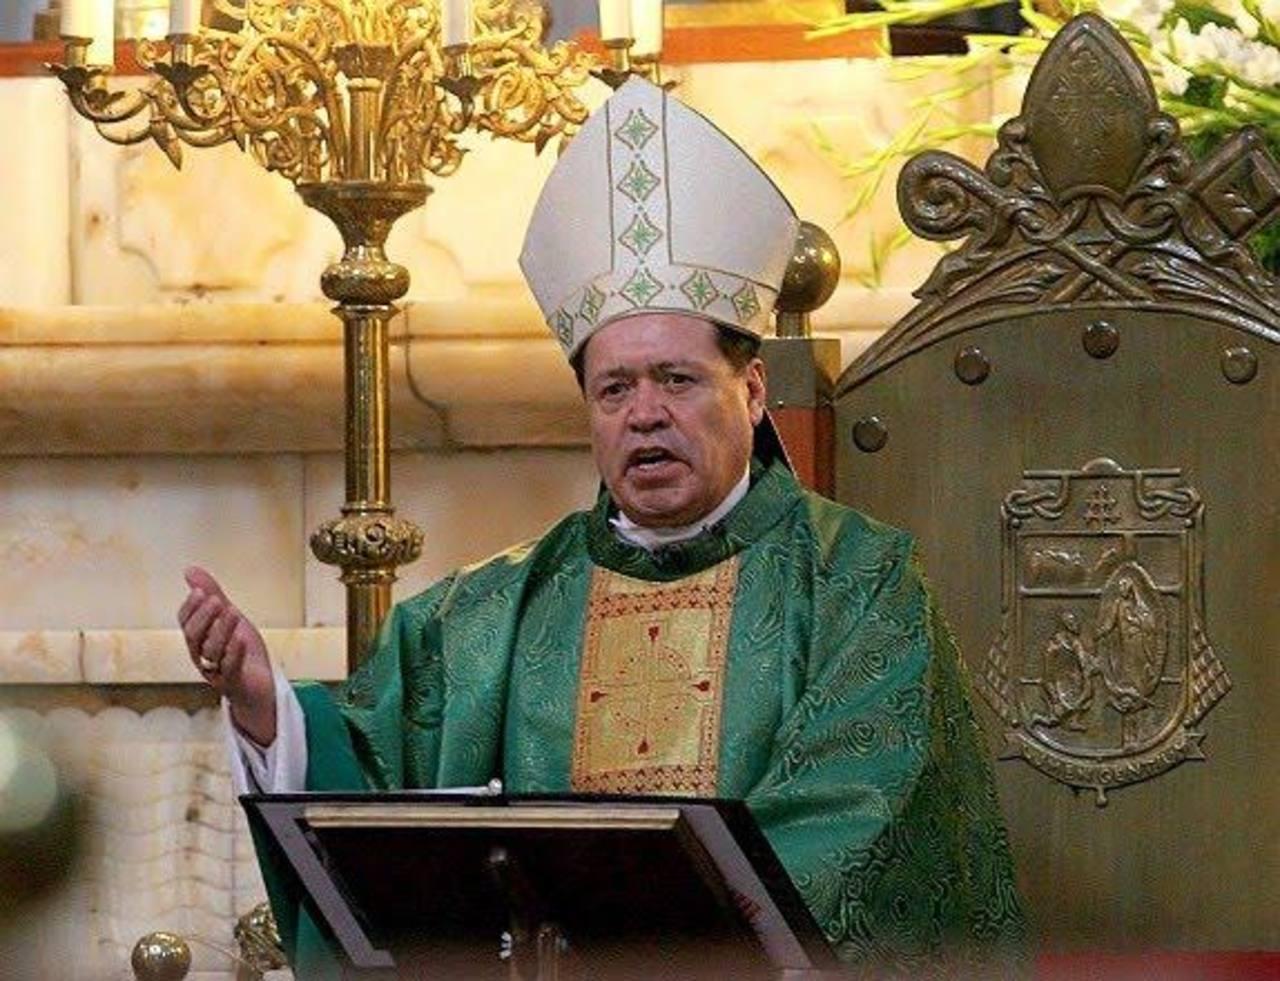 El cardenal Norberto Rivera pidió a los feligreses no asustarse con las llamadas de extorsión y negarse a pagar. foto edh / efe